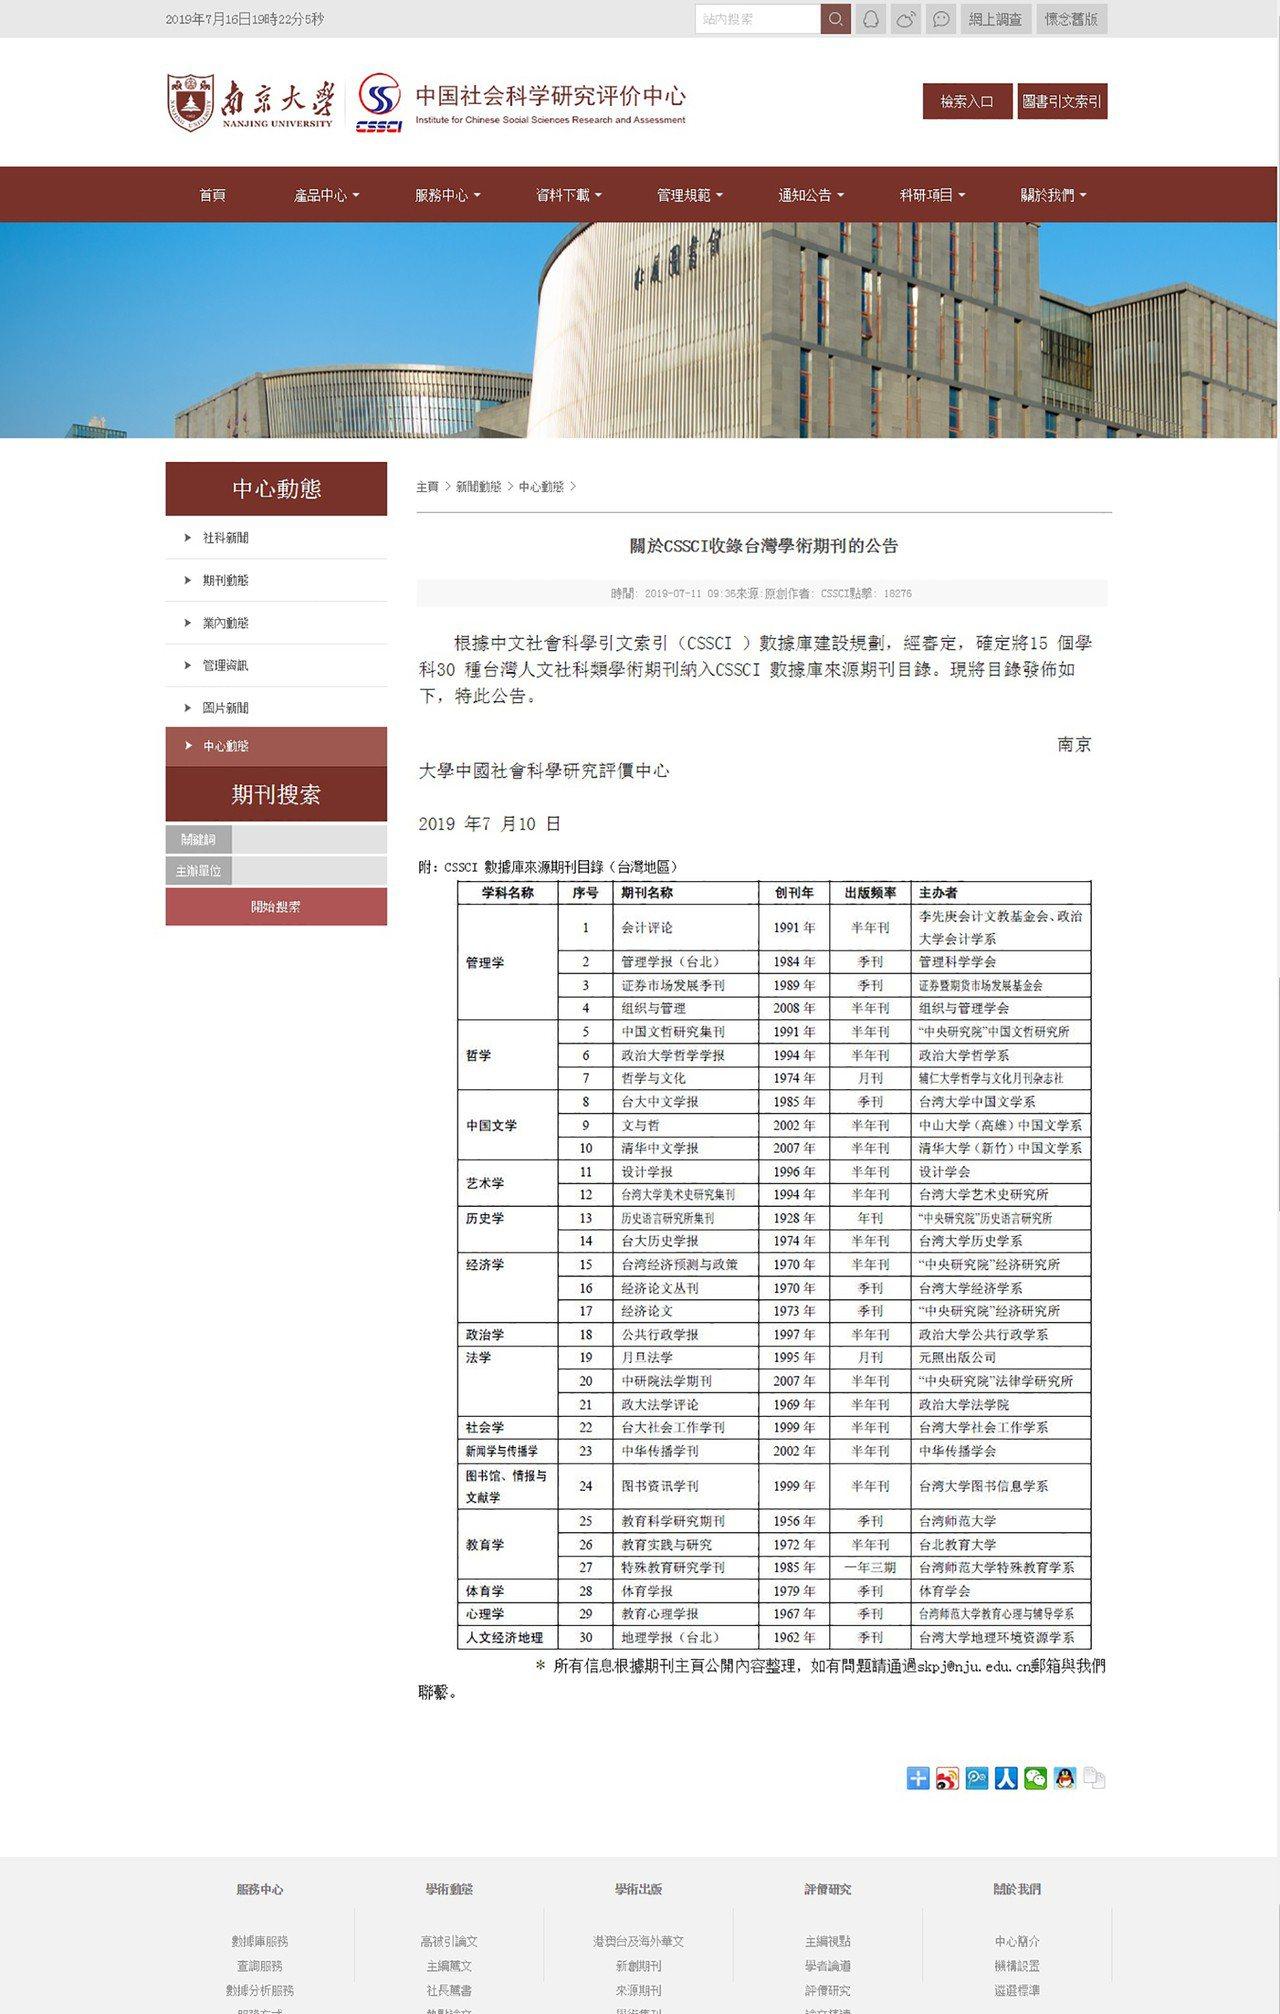 中國權威學術期刊目錄「中文社會科學引文索引」(CSSCI),宣布納入15個學科、...